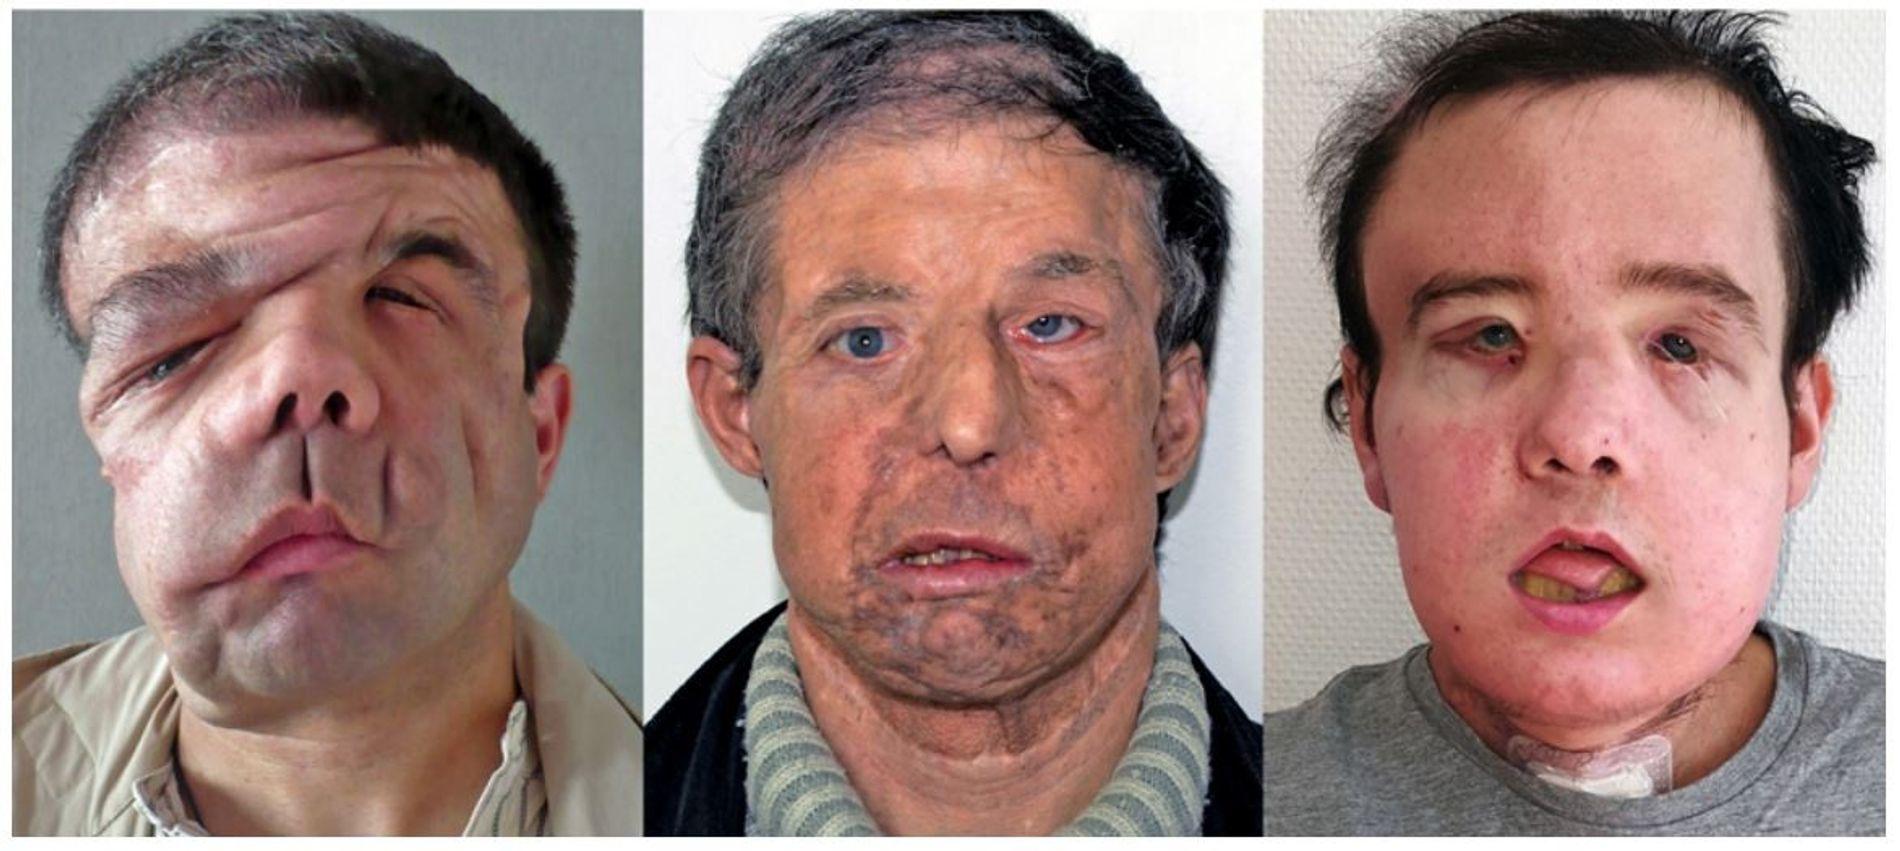 1 Jérôme Hamon avant sa première greffe de face, réalisée en 2010. Ses traits sont déformés par une maladie génétique, la neurofibromatose.  2 À partir de 2016, le greffon montre des signes de rejet chronique.   3 Jérôme Hamon après sa deuxième greffe, au début de l'année 2018. Une rééducation permettra de retrouver la mobilité du visage.